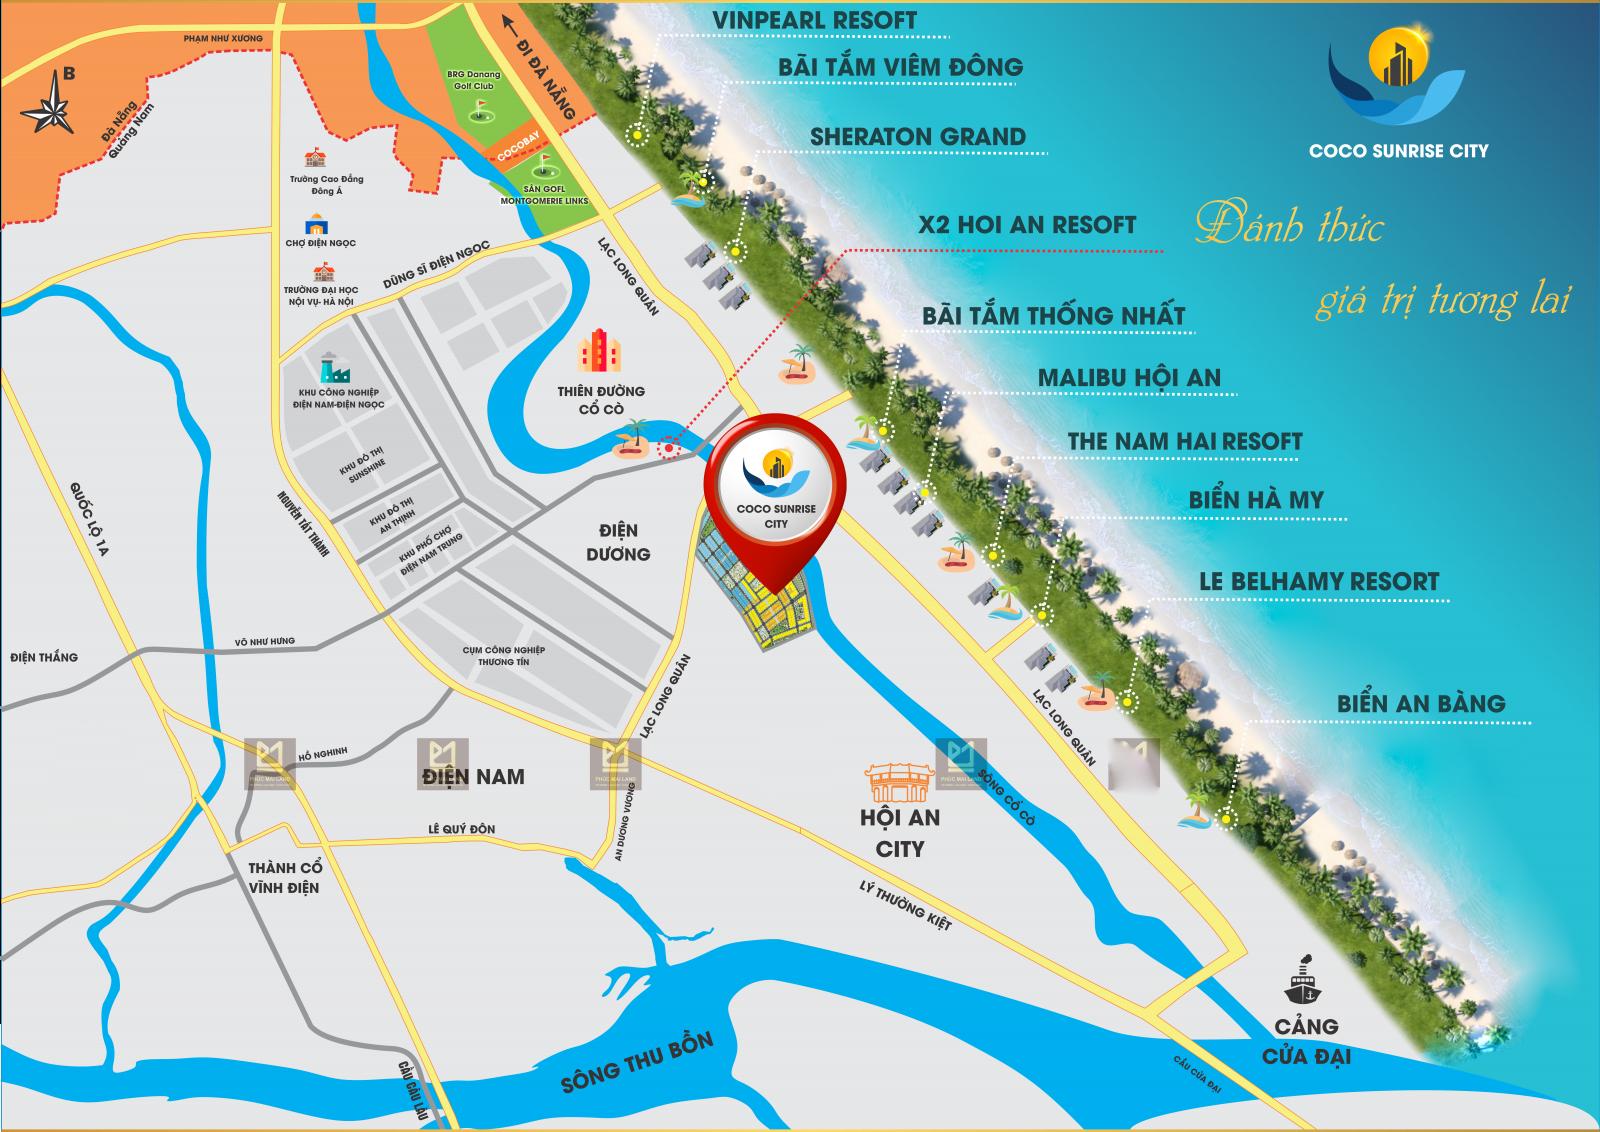 Dự án khu đô thị Coco Sunrise City - Ảnh 1 (2)